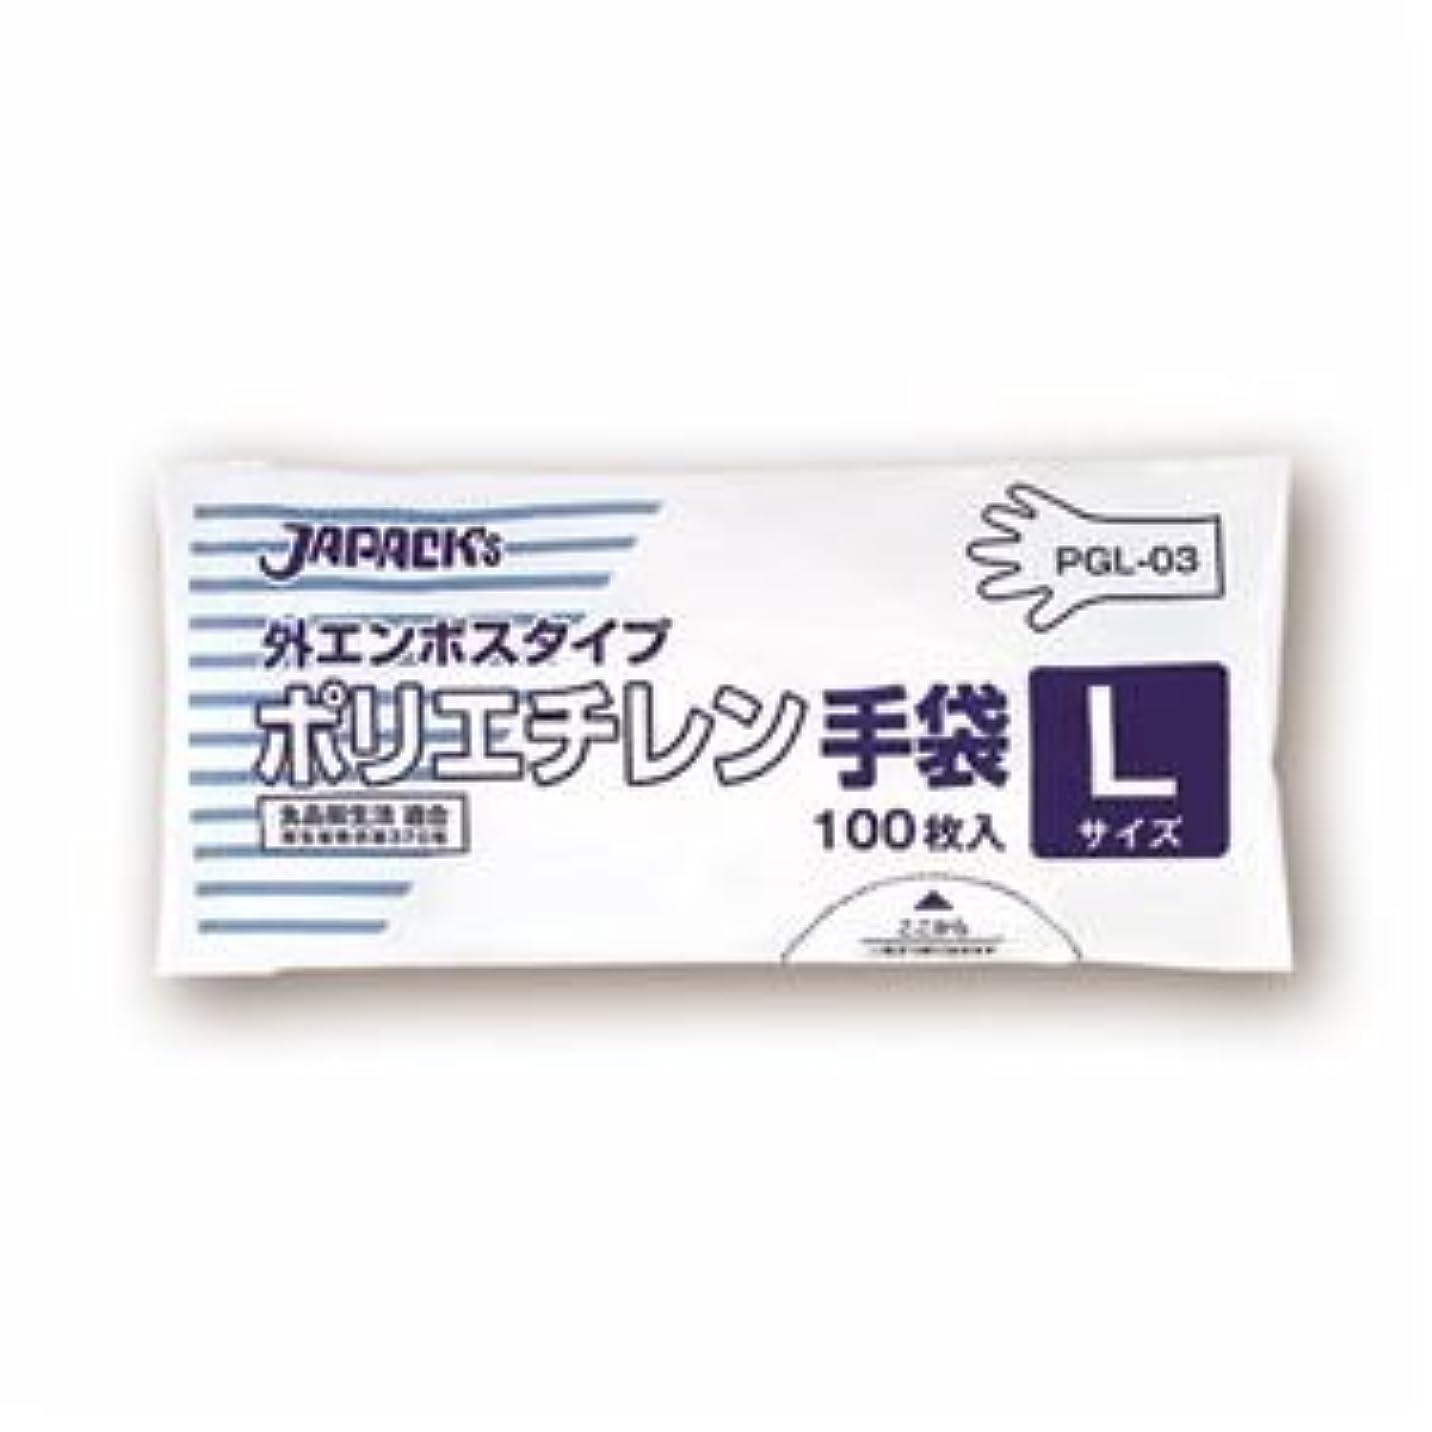 (まとめ) ジャパックス 外エンボスタイプ LDポリエチレン手袋 L PGL-03 1パック(100枚) 【×20セット】 [簡易パッケージ品]